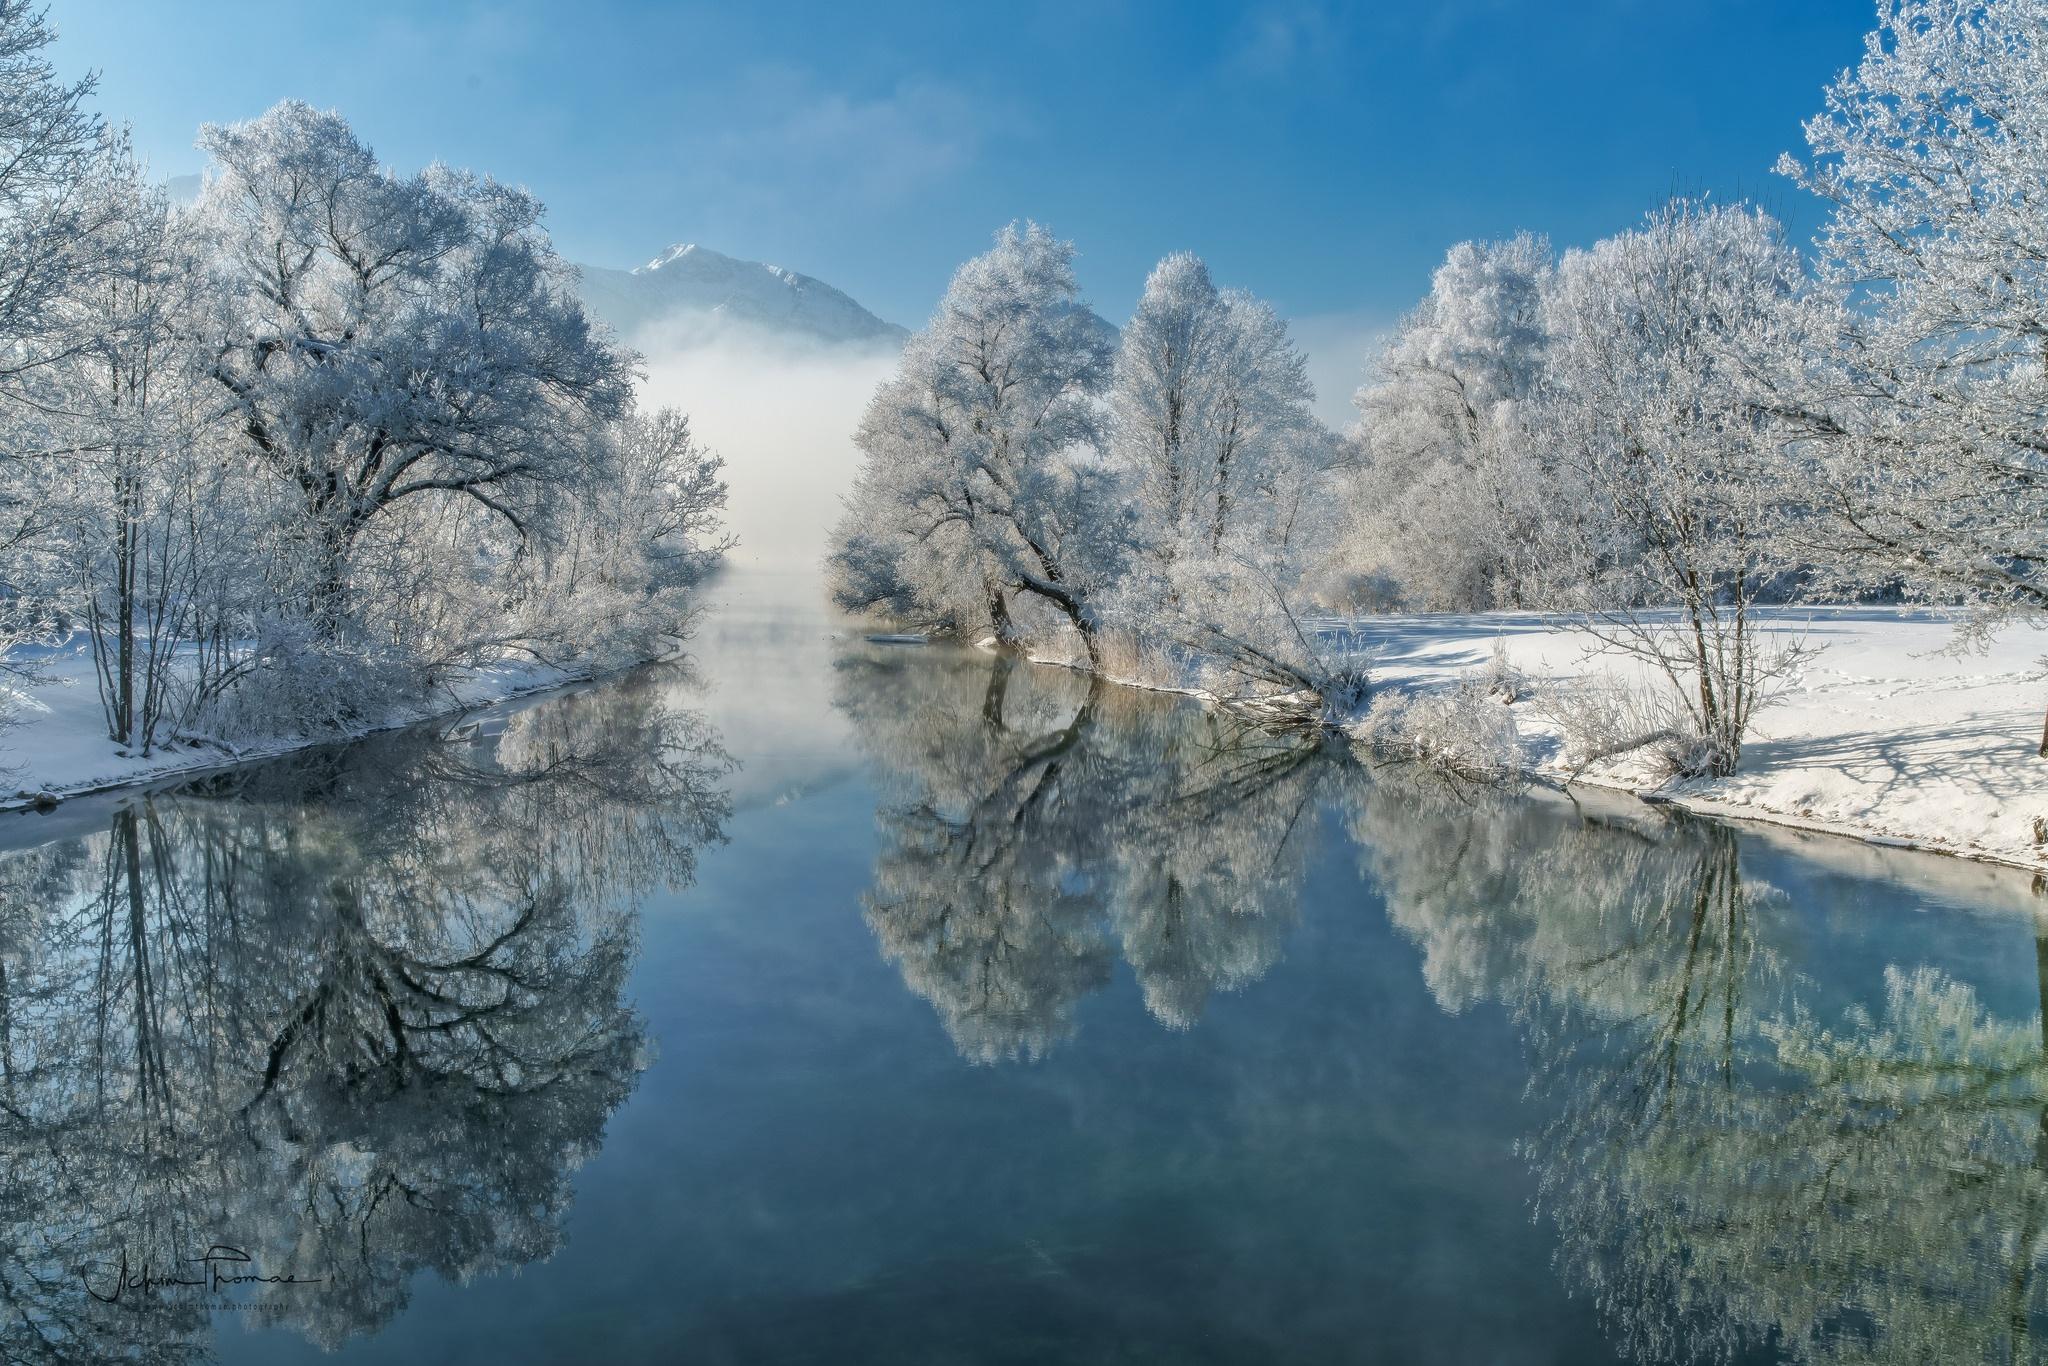 речка мороз зима the river frost winter  № 456326 загрузить